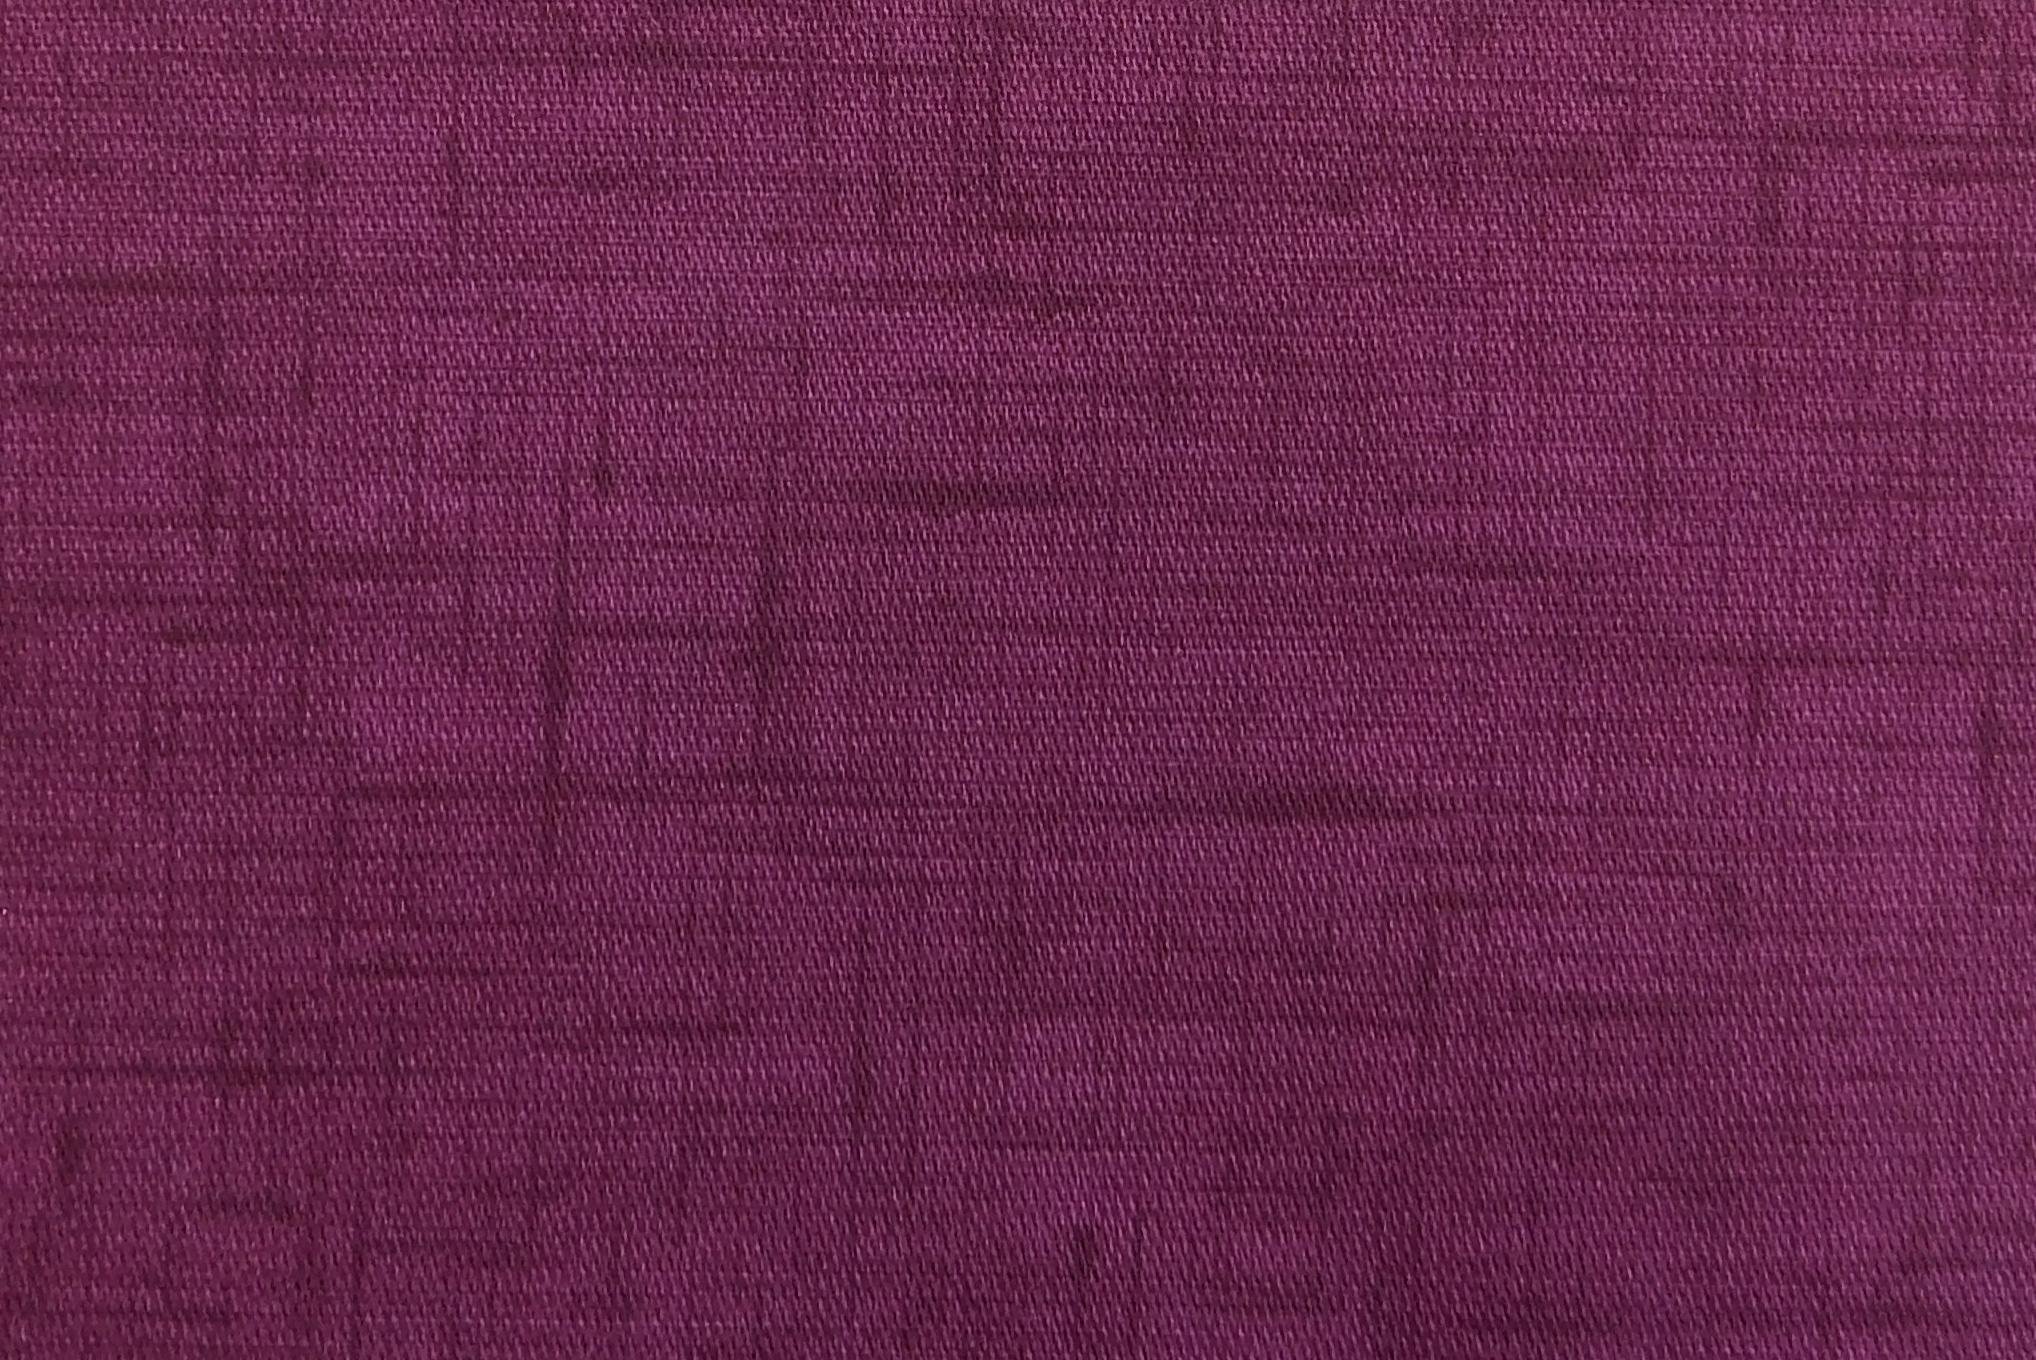 Spectrum Grape FR BO Blind Sample Fabric